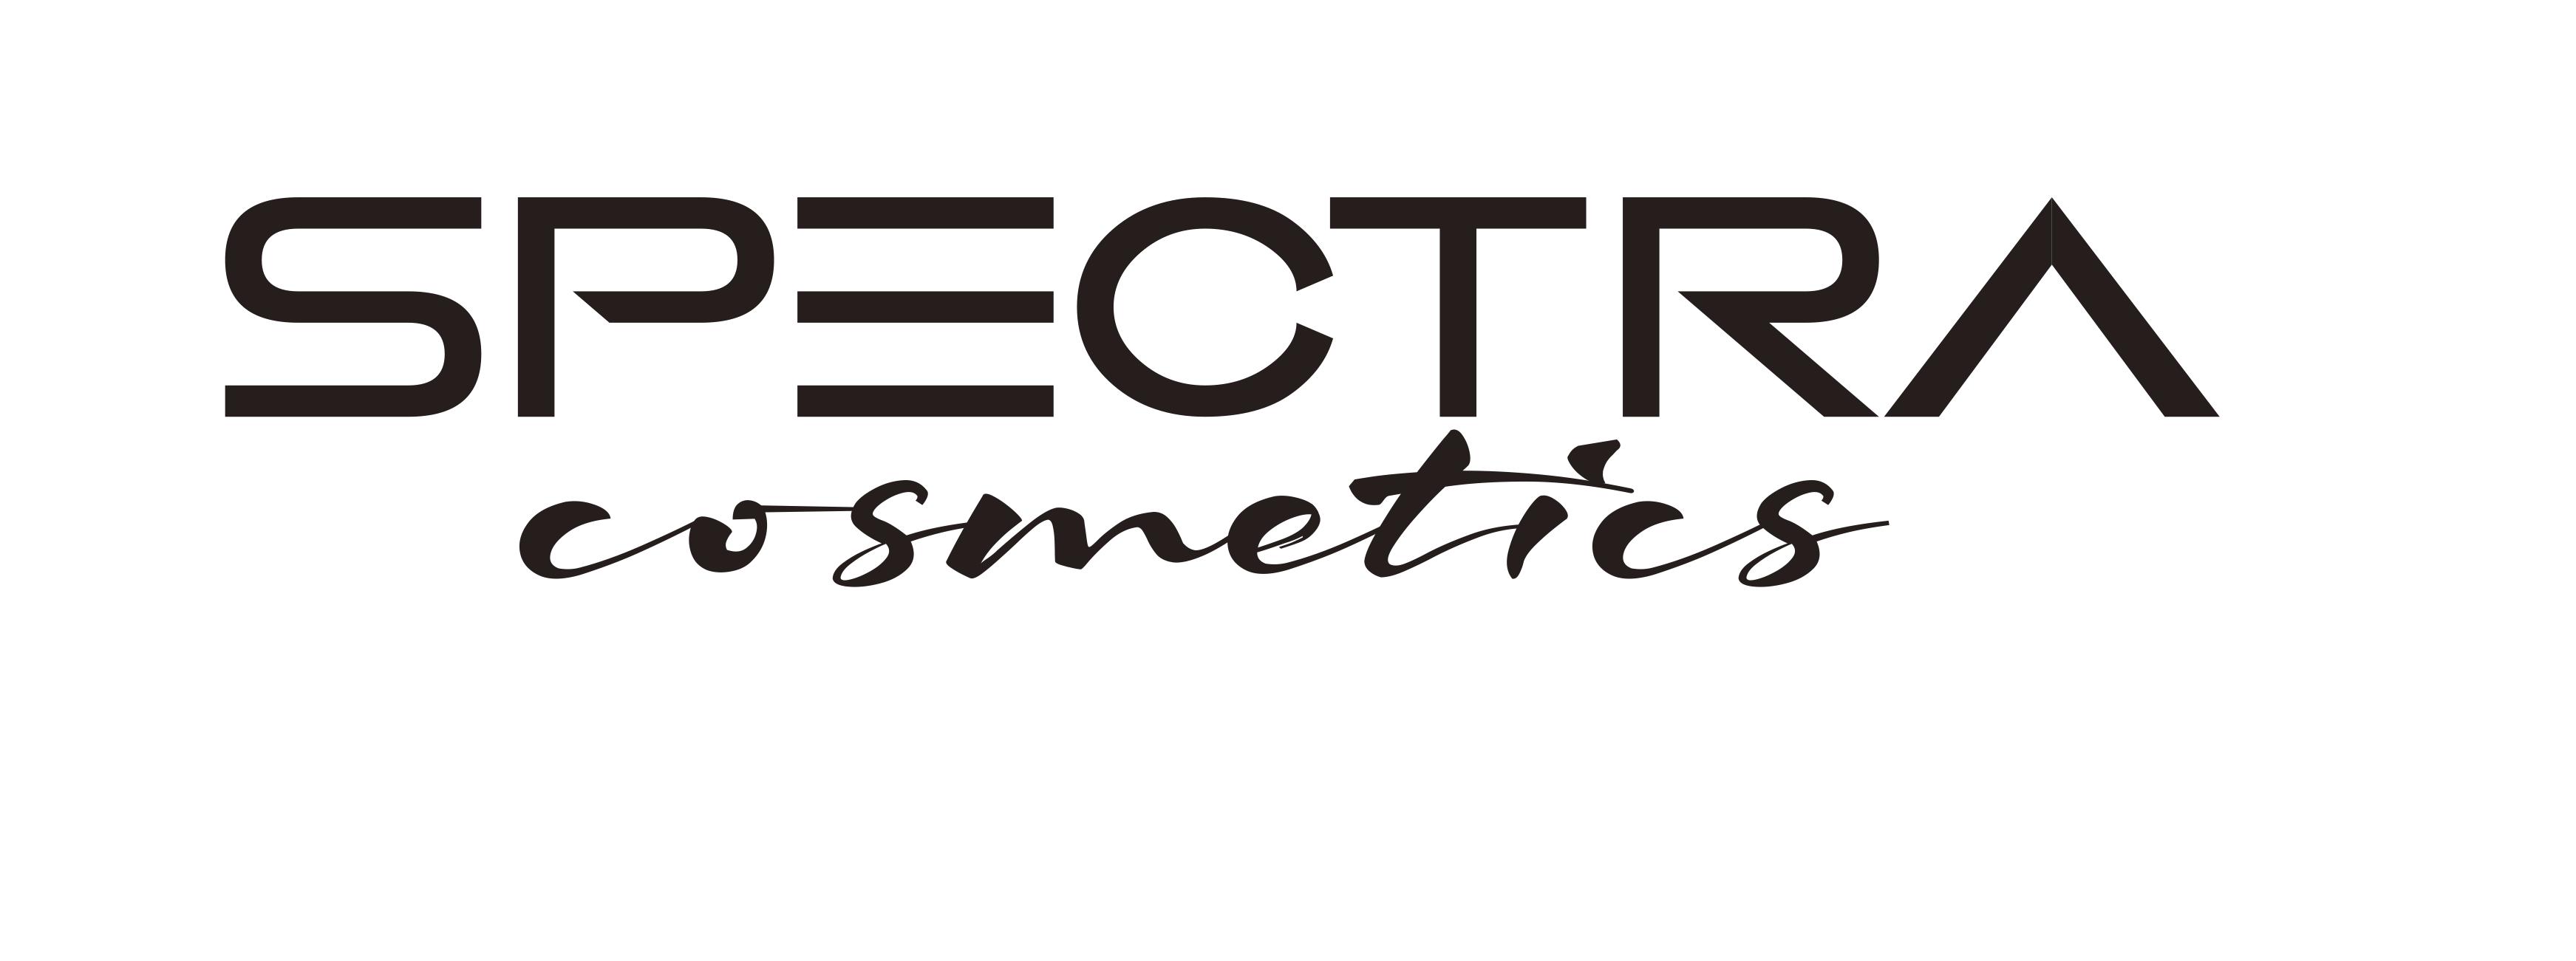 Spectra Cosmetics